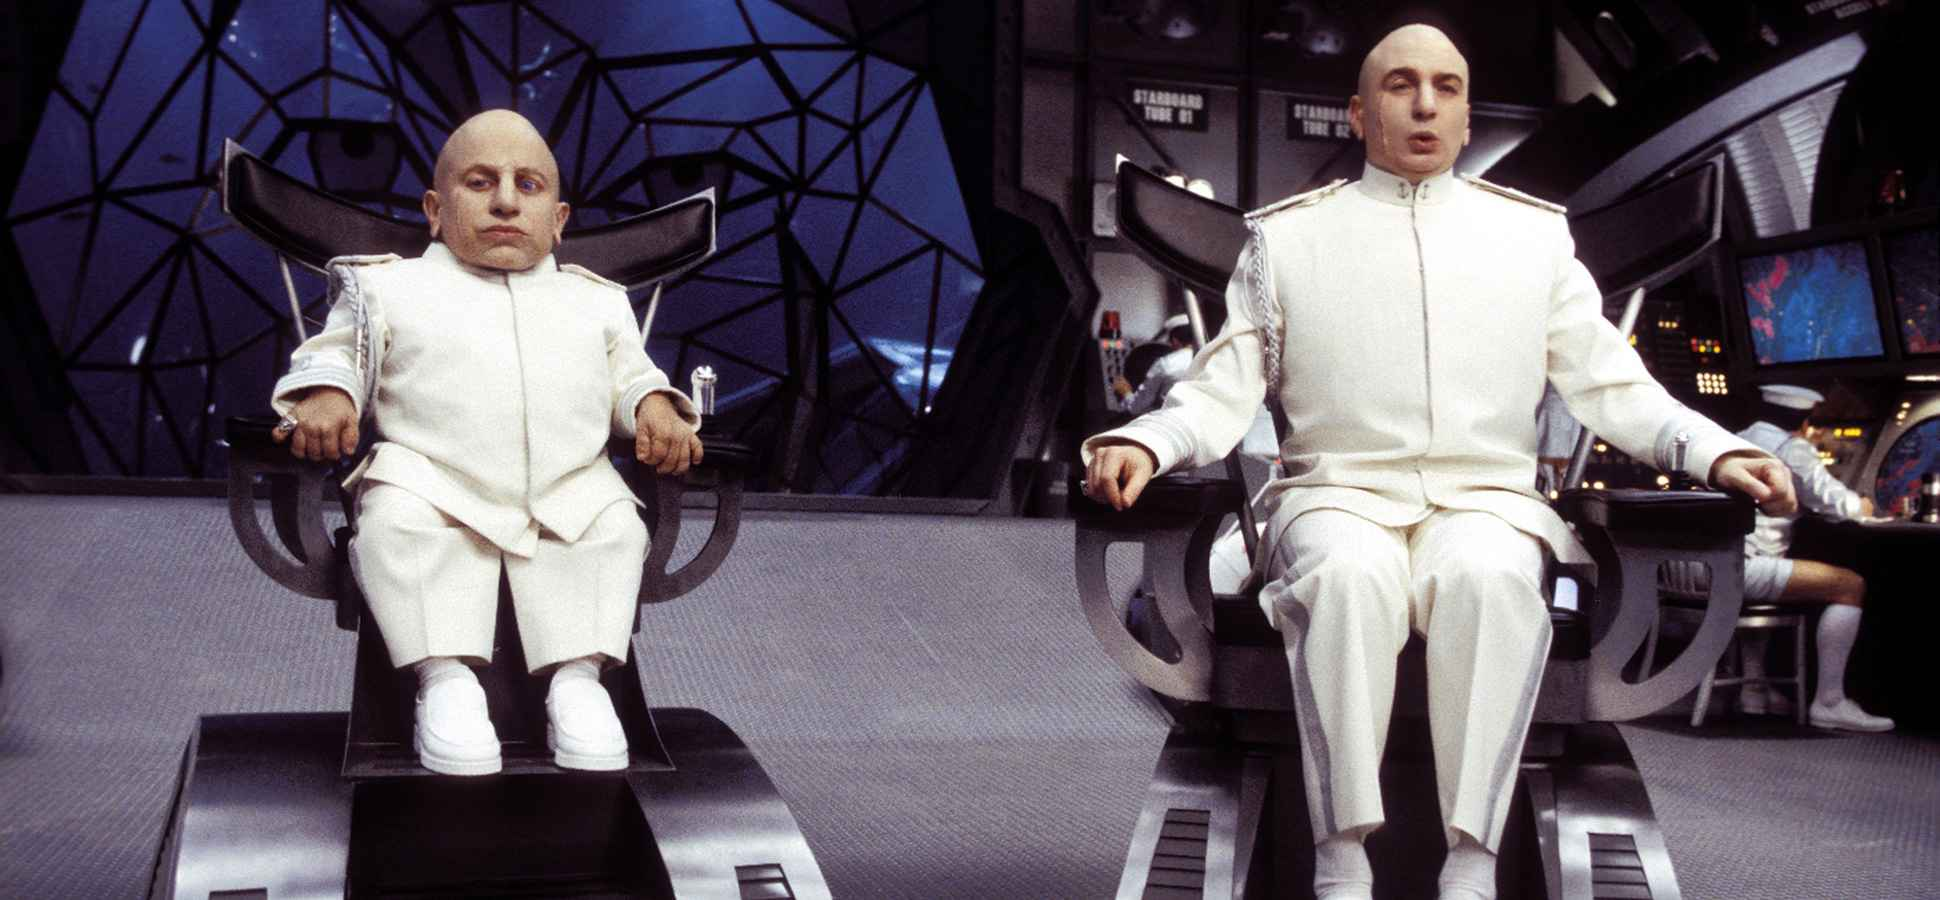 """Mirė filme """"Ostinas Pauersas"""" vaidinęs aktorius Verne'as Troyeris"""